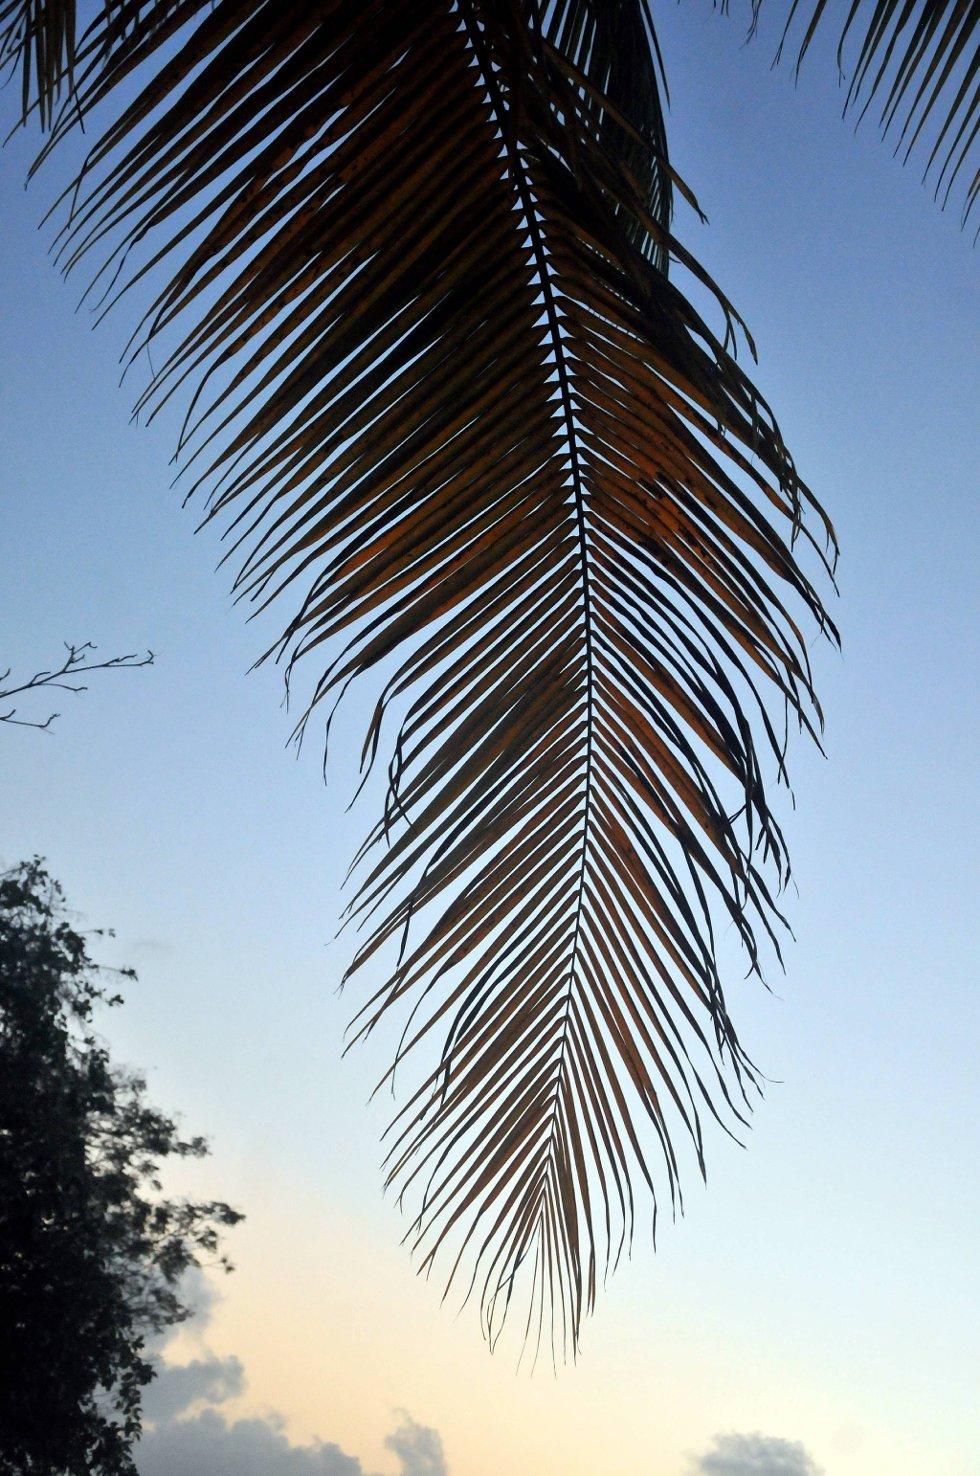 Barbados har et tropisk klima med en gjennomsnittemperatur mellom 25 og 30 grader gjennom hele året.  (Foto: Terje Alstad, ANB)